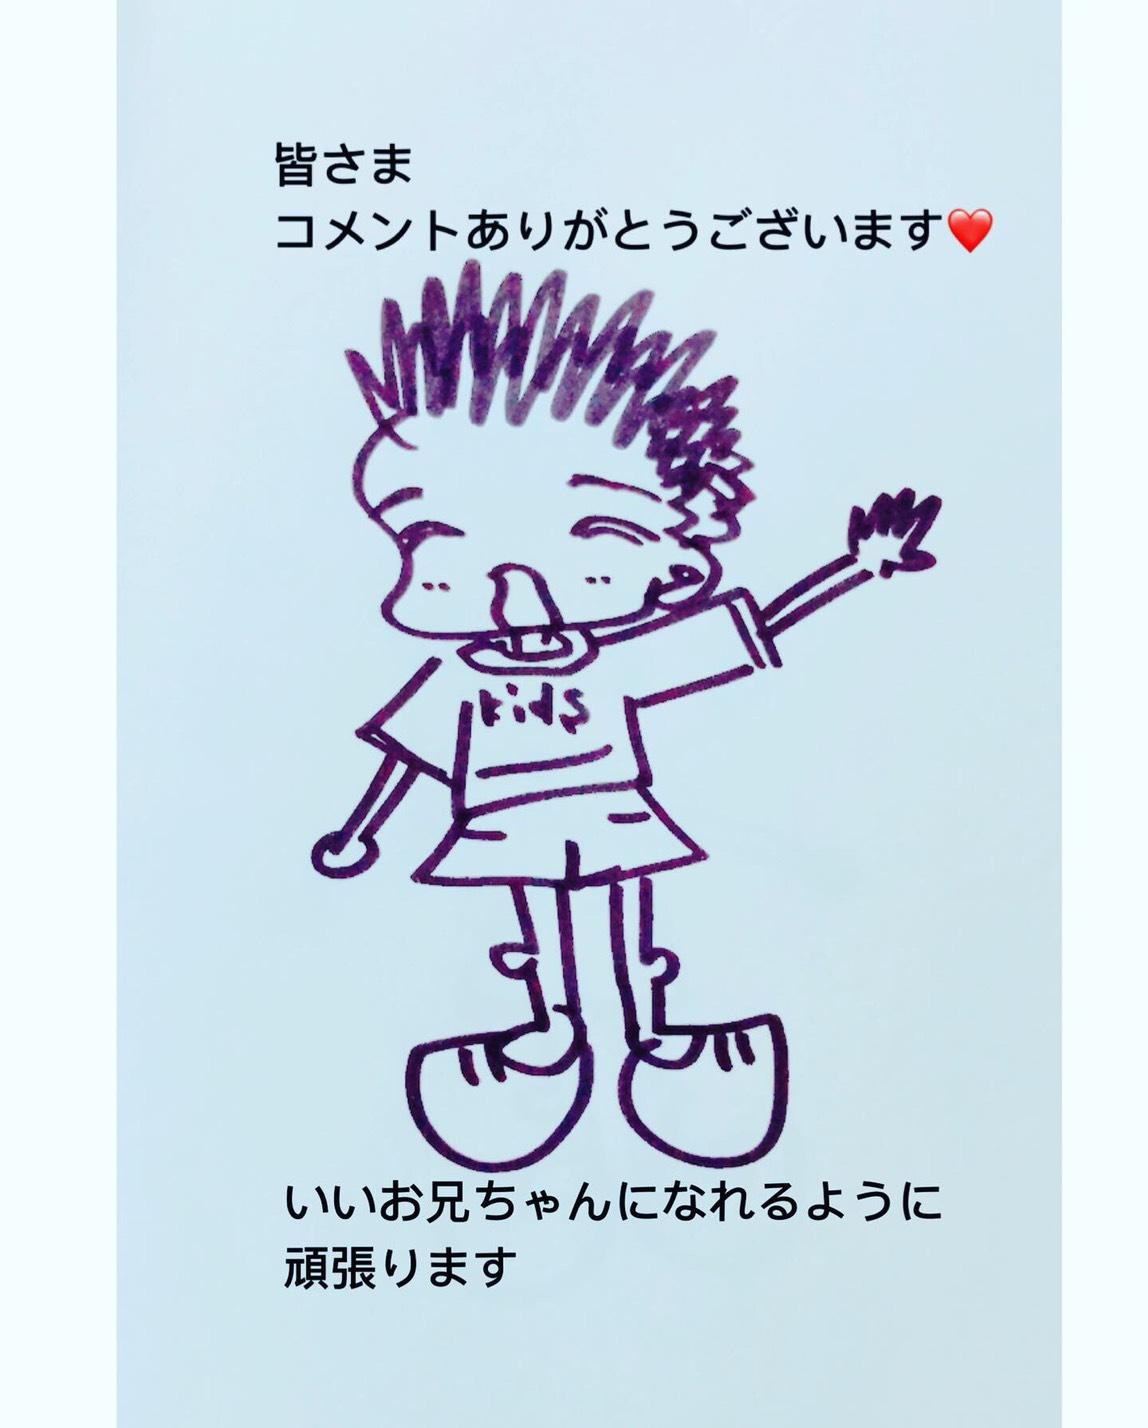 第2子妊娠中の鈴木亜美がInstagramで自作イラストと『ママあるある』を投稿し話題サムネイル画像